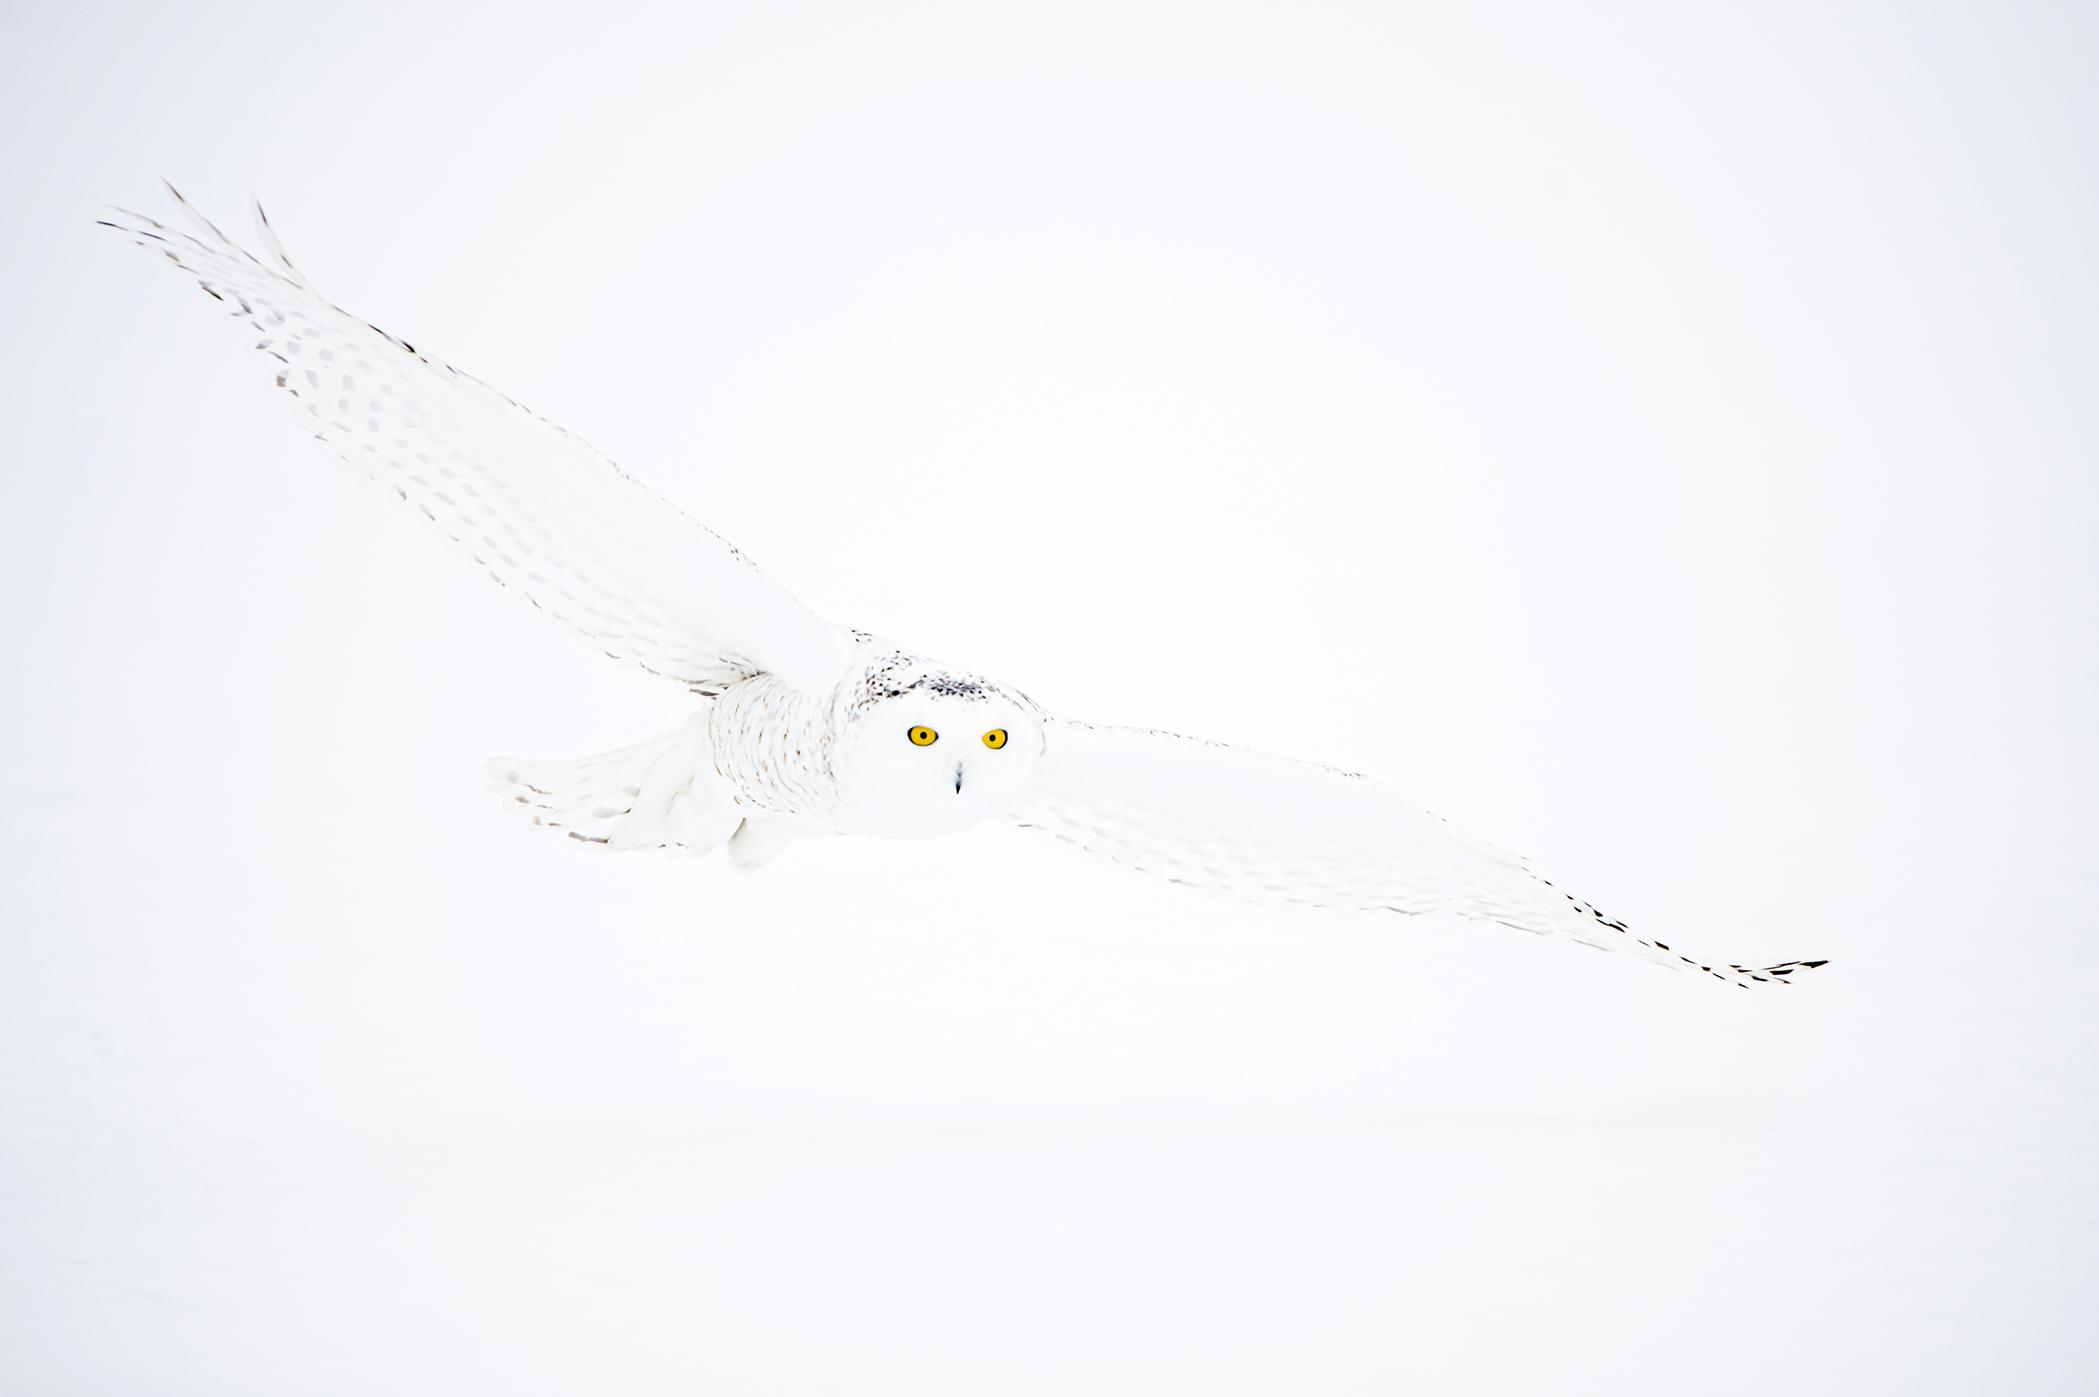 Snowy Glide - Ignacio Medem - Portfolio Natural, Fotografía de Naturaleza de Autor